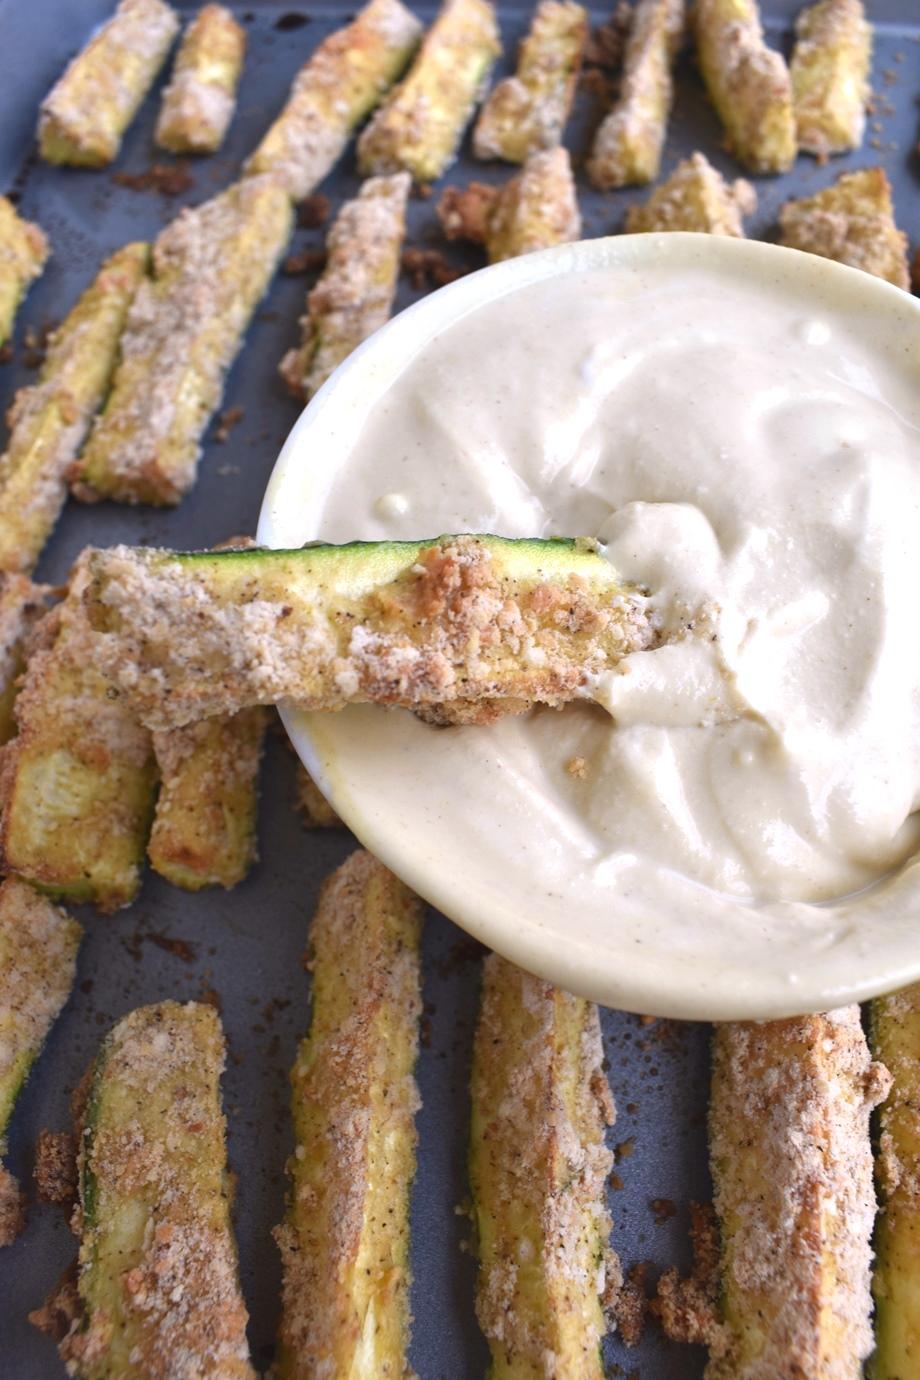 Breaded Zucchini Fries in Dijon dip